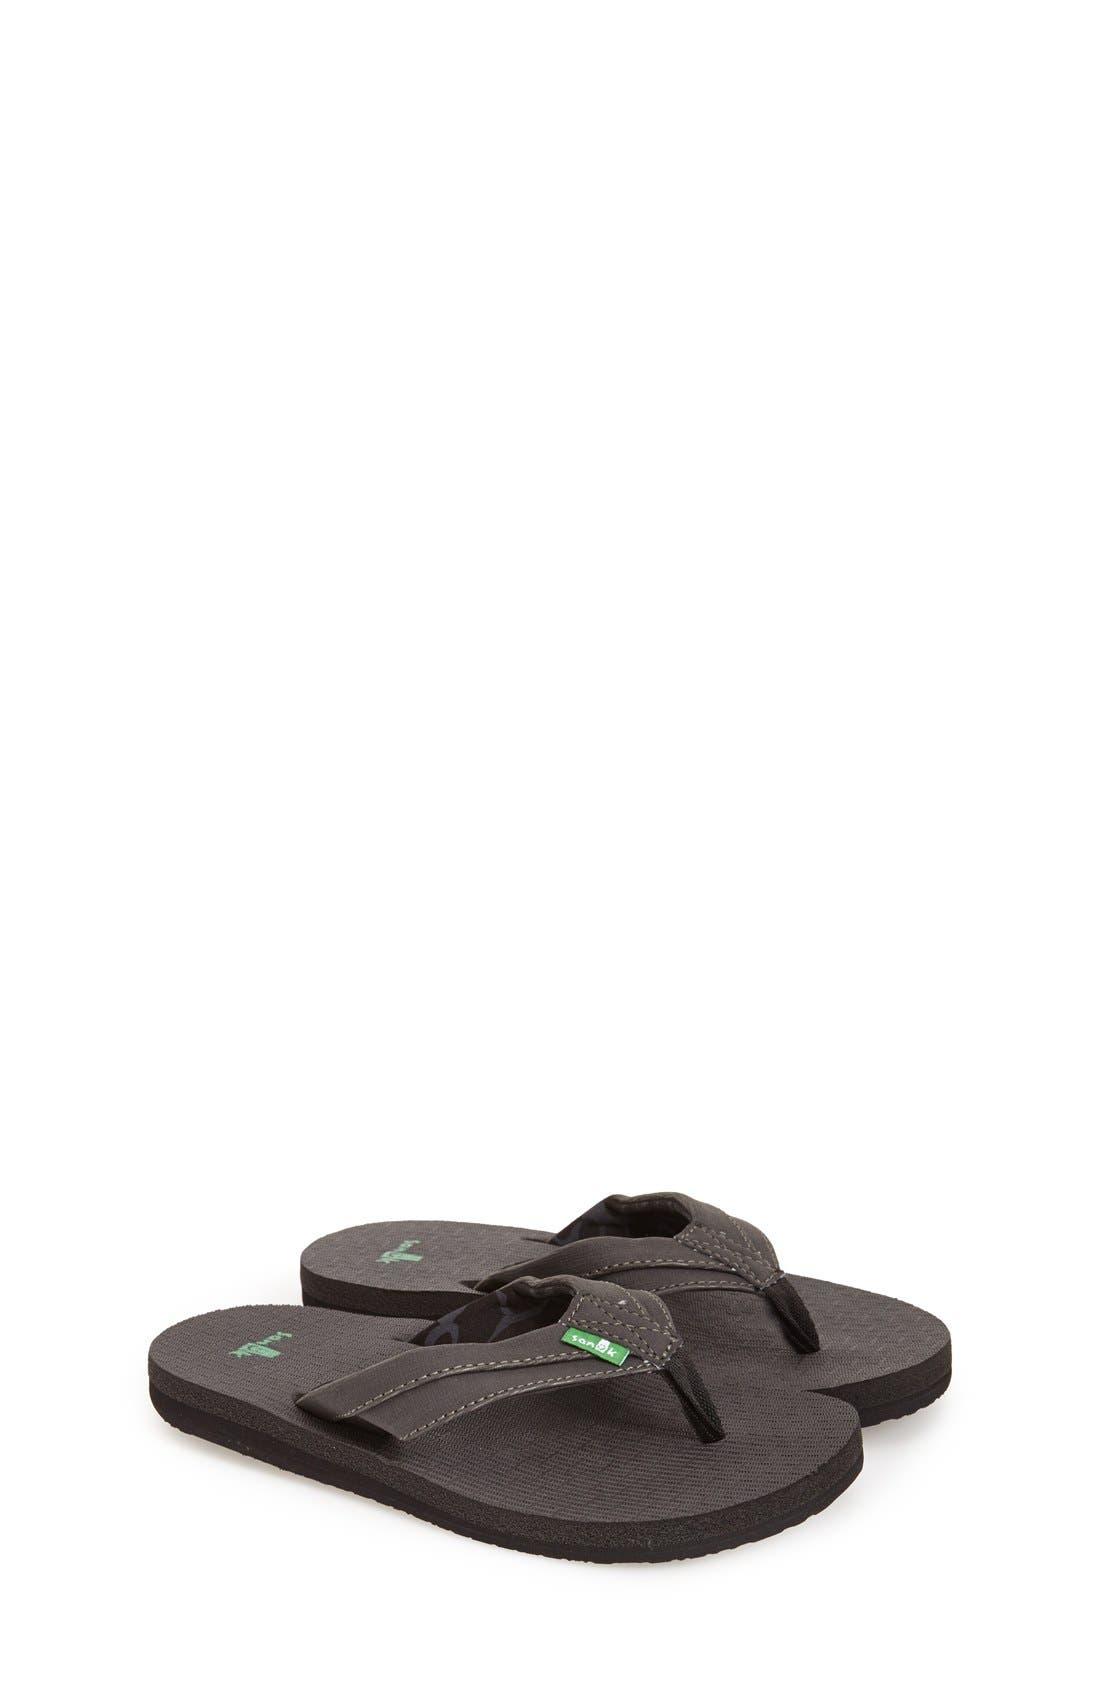 'Rootbeer Cozy' Lightweight Flip Flop Sandal,                         Main,                         color, Black